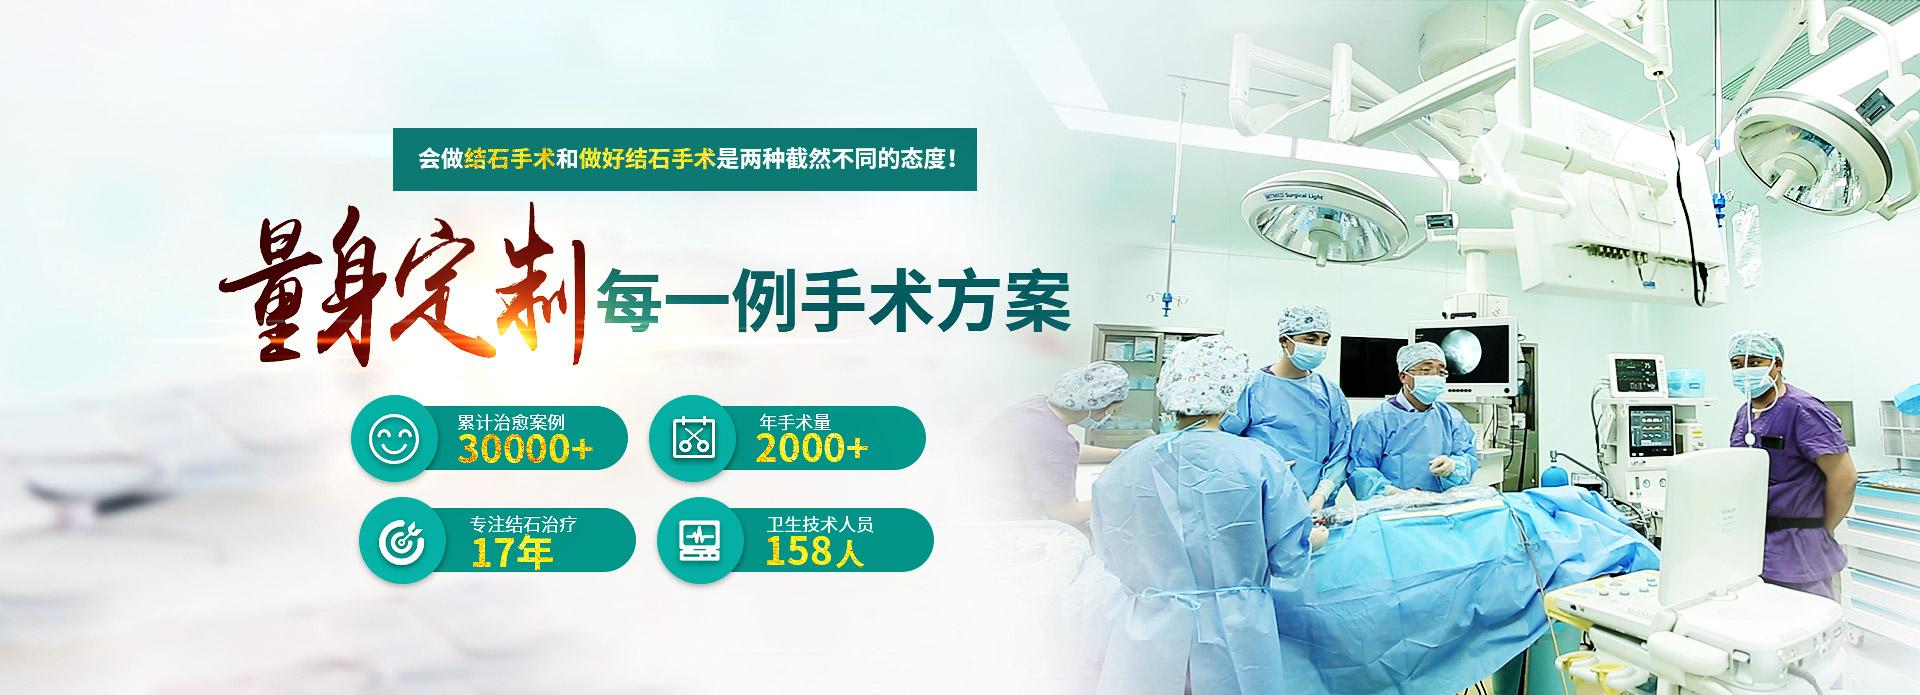 雅安仁康医院为每位患者量身定制手术治疗方案